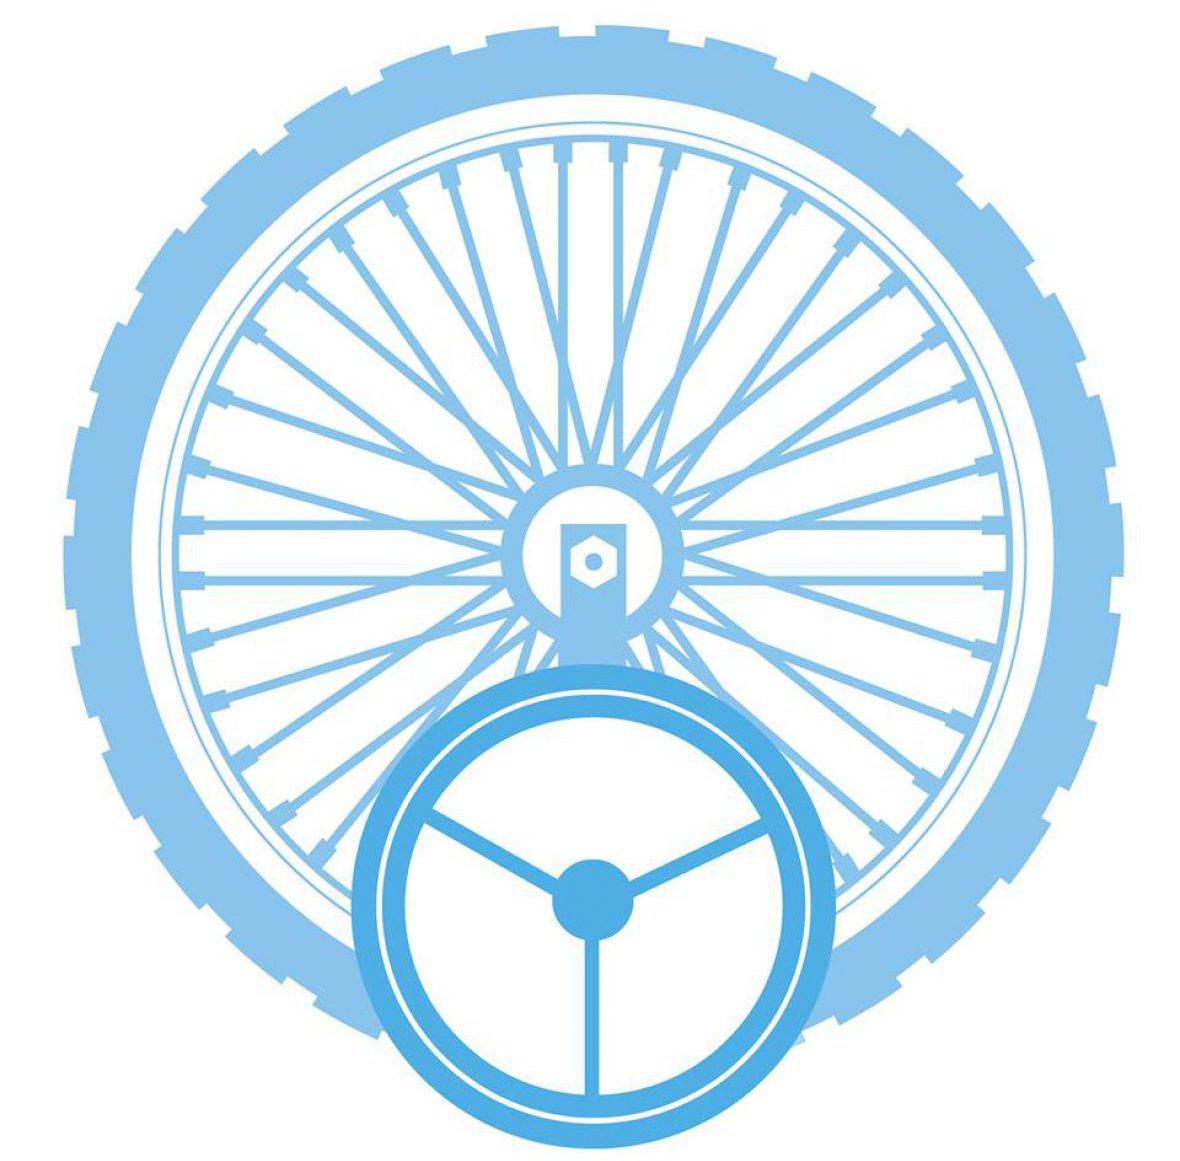 Støttehjulet